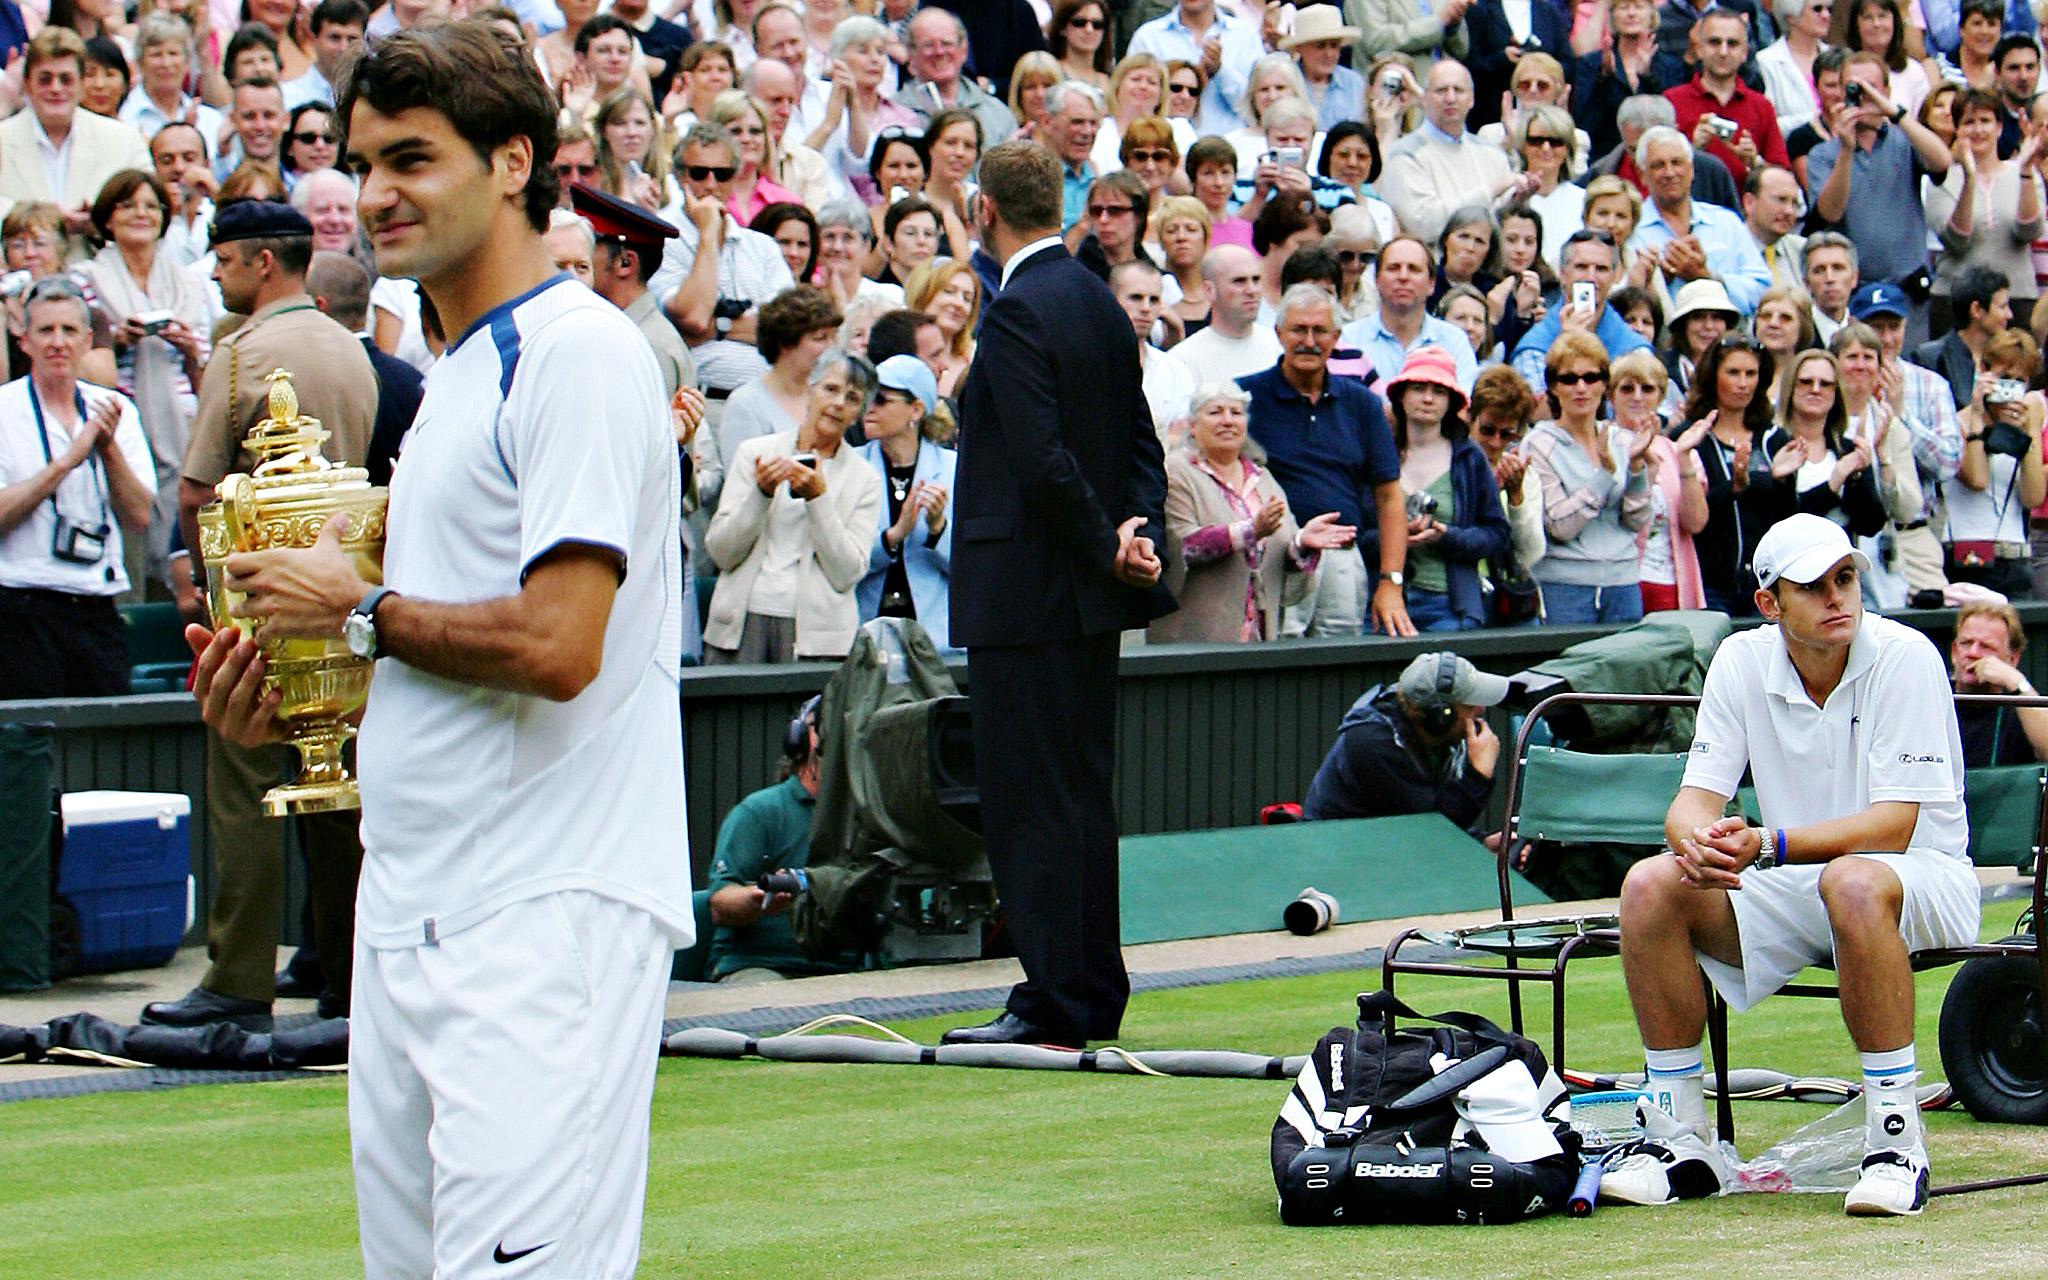 Wimbledon, 2005